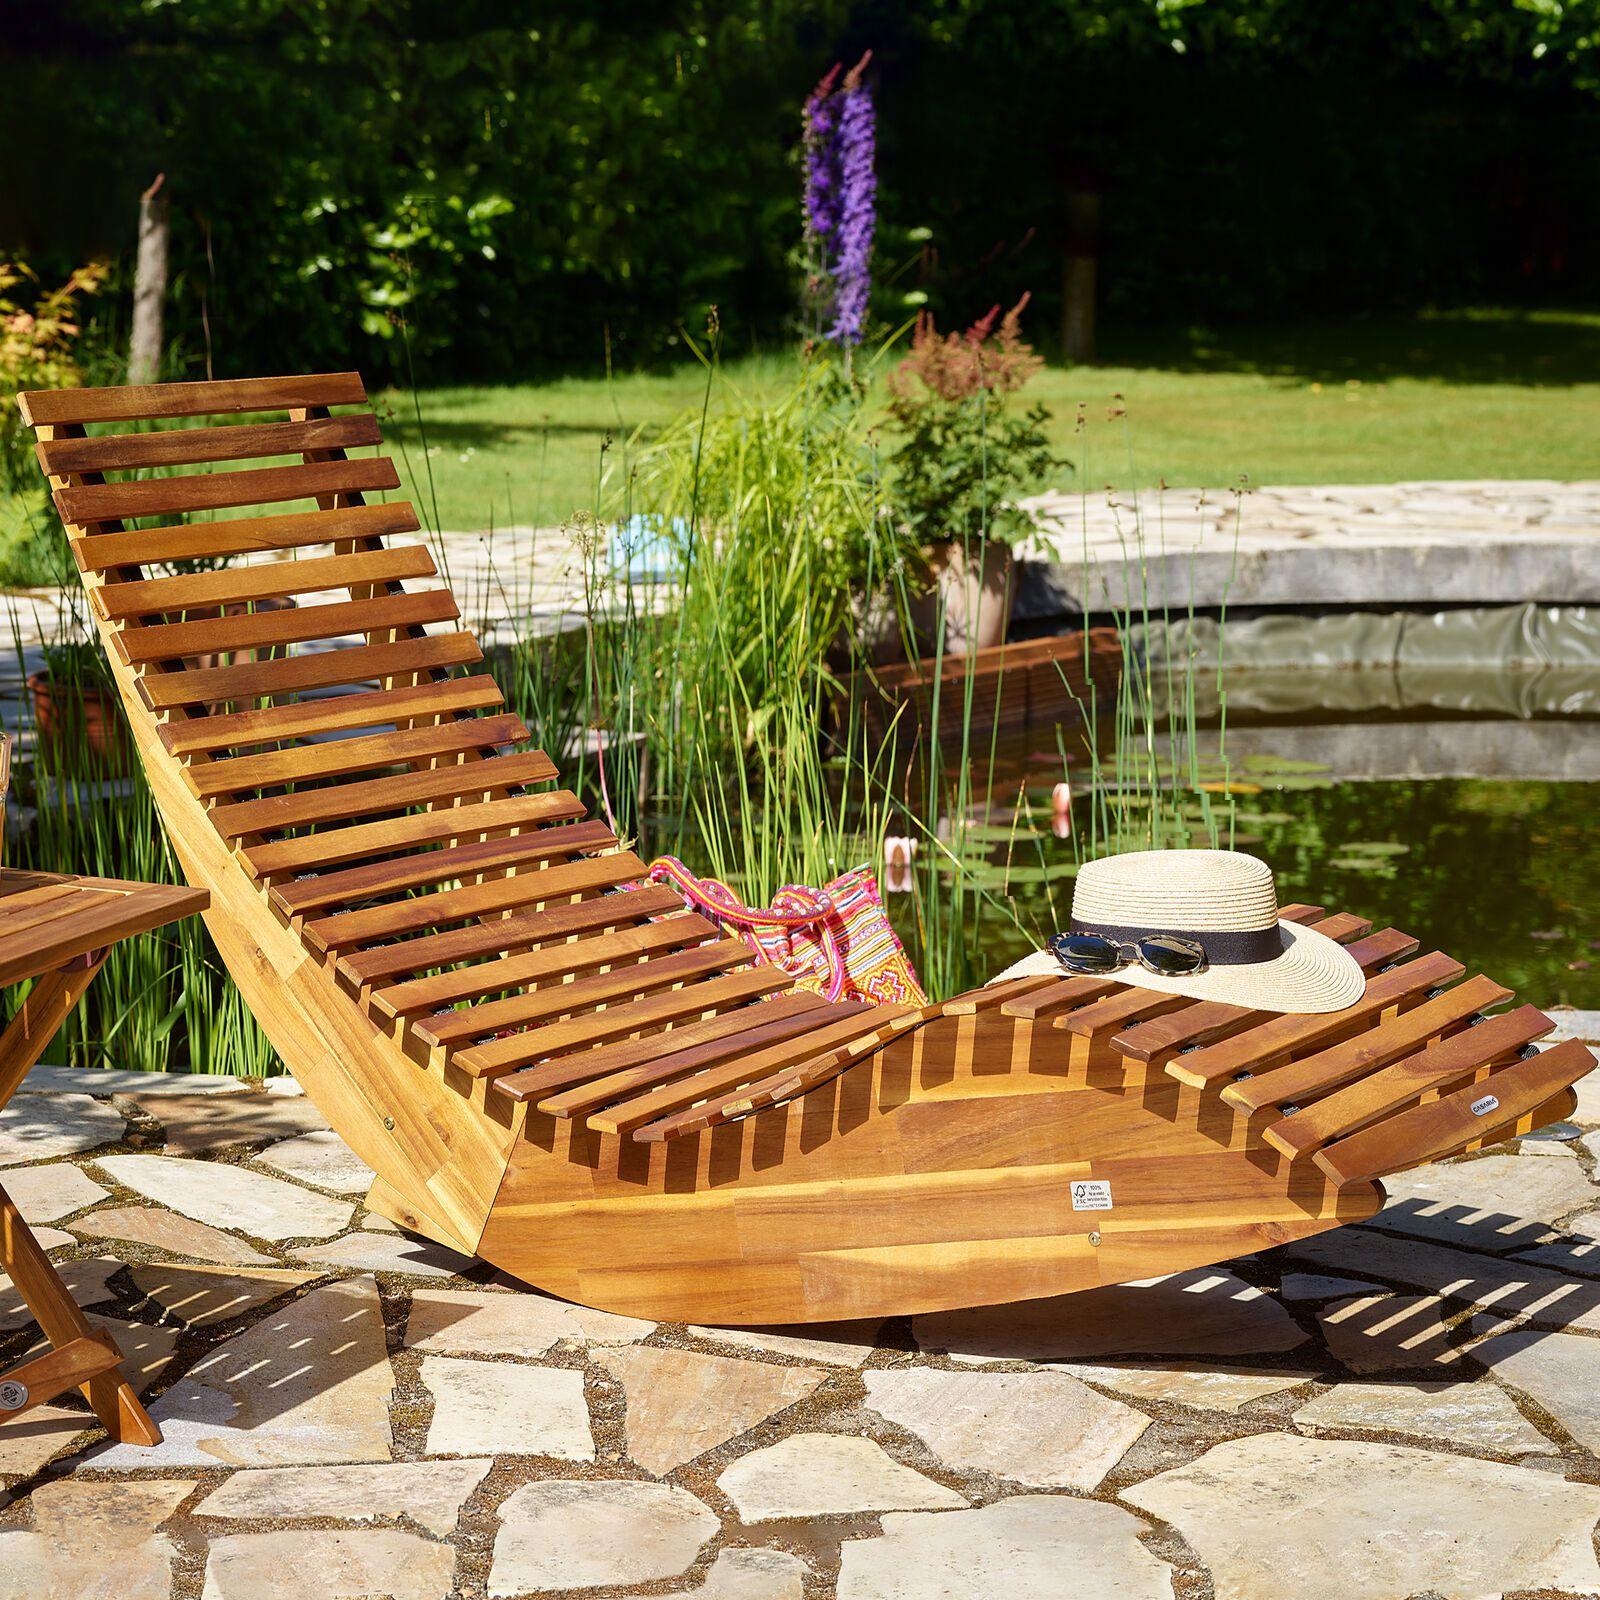 Sonnenliege Gartenliege Liegestuhl Holzliege Saunaliege Gartenmöbel Holz Liege Gartenmöbel Ideen Von Gartenmöbel Gartenmöbel